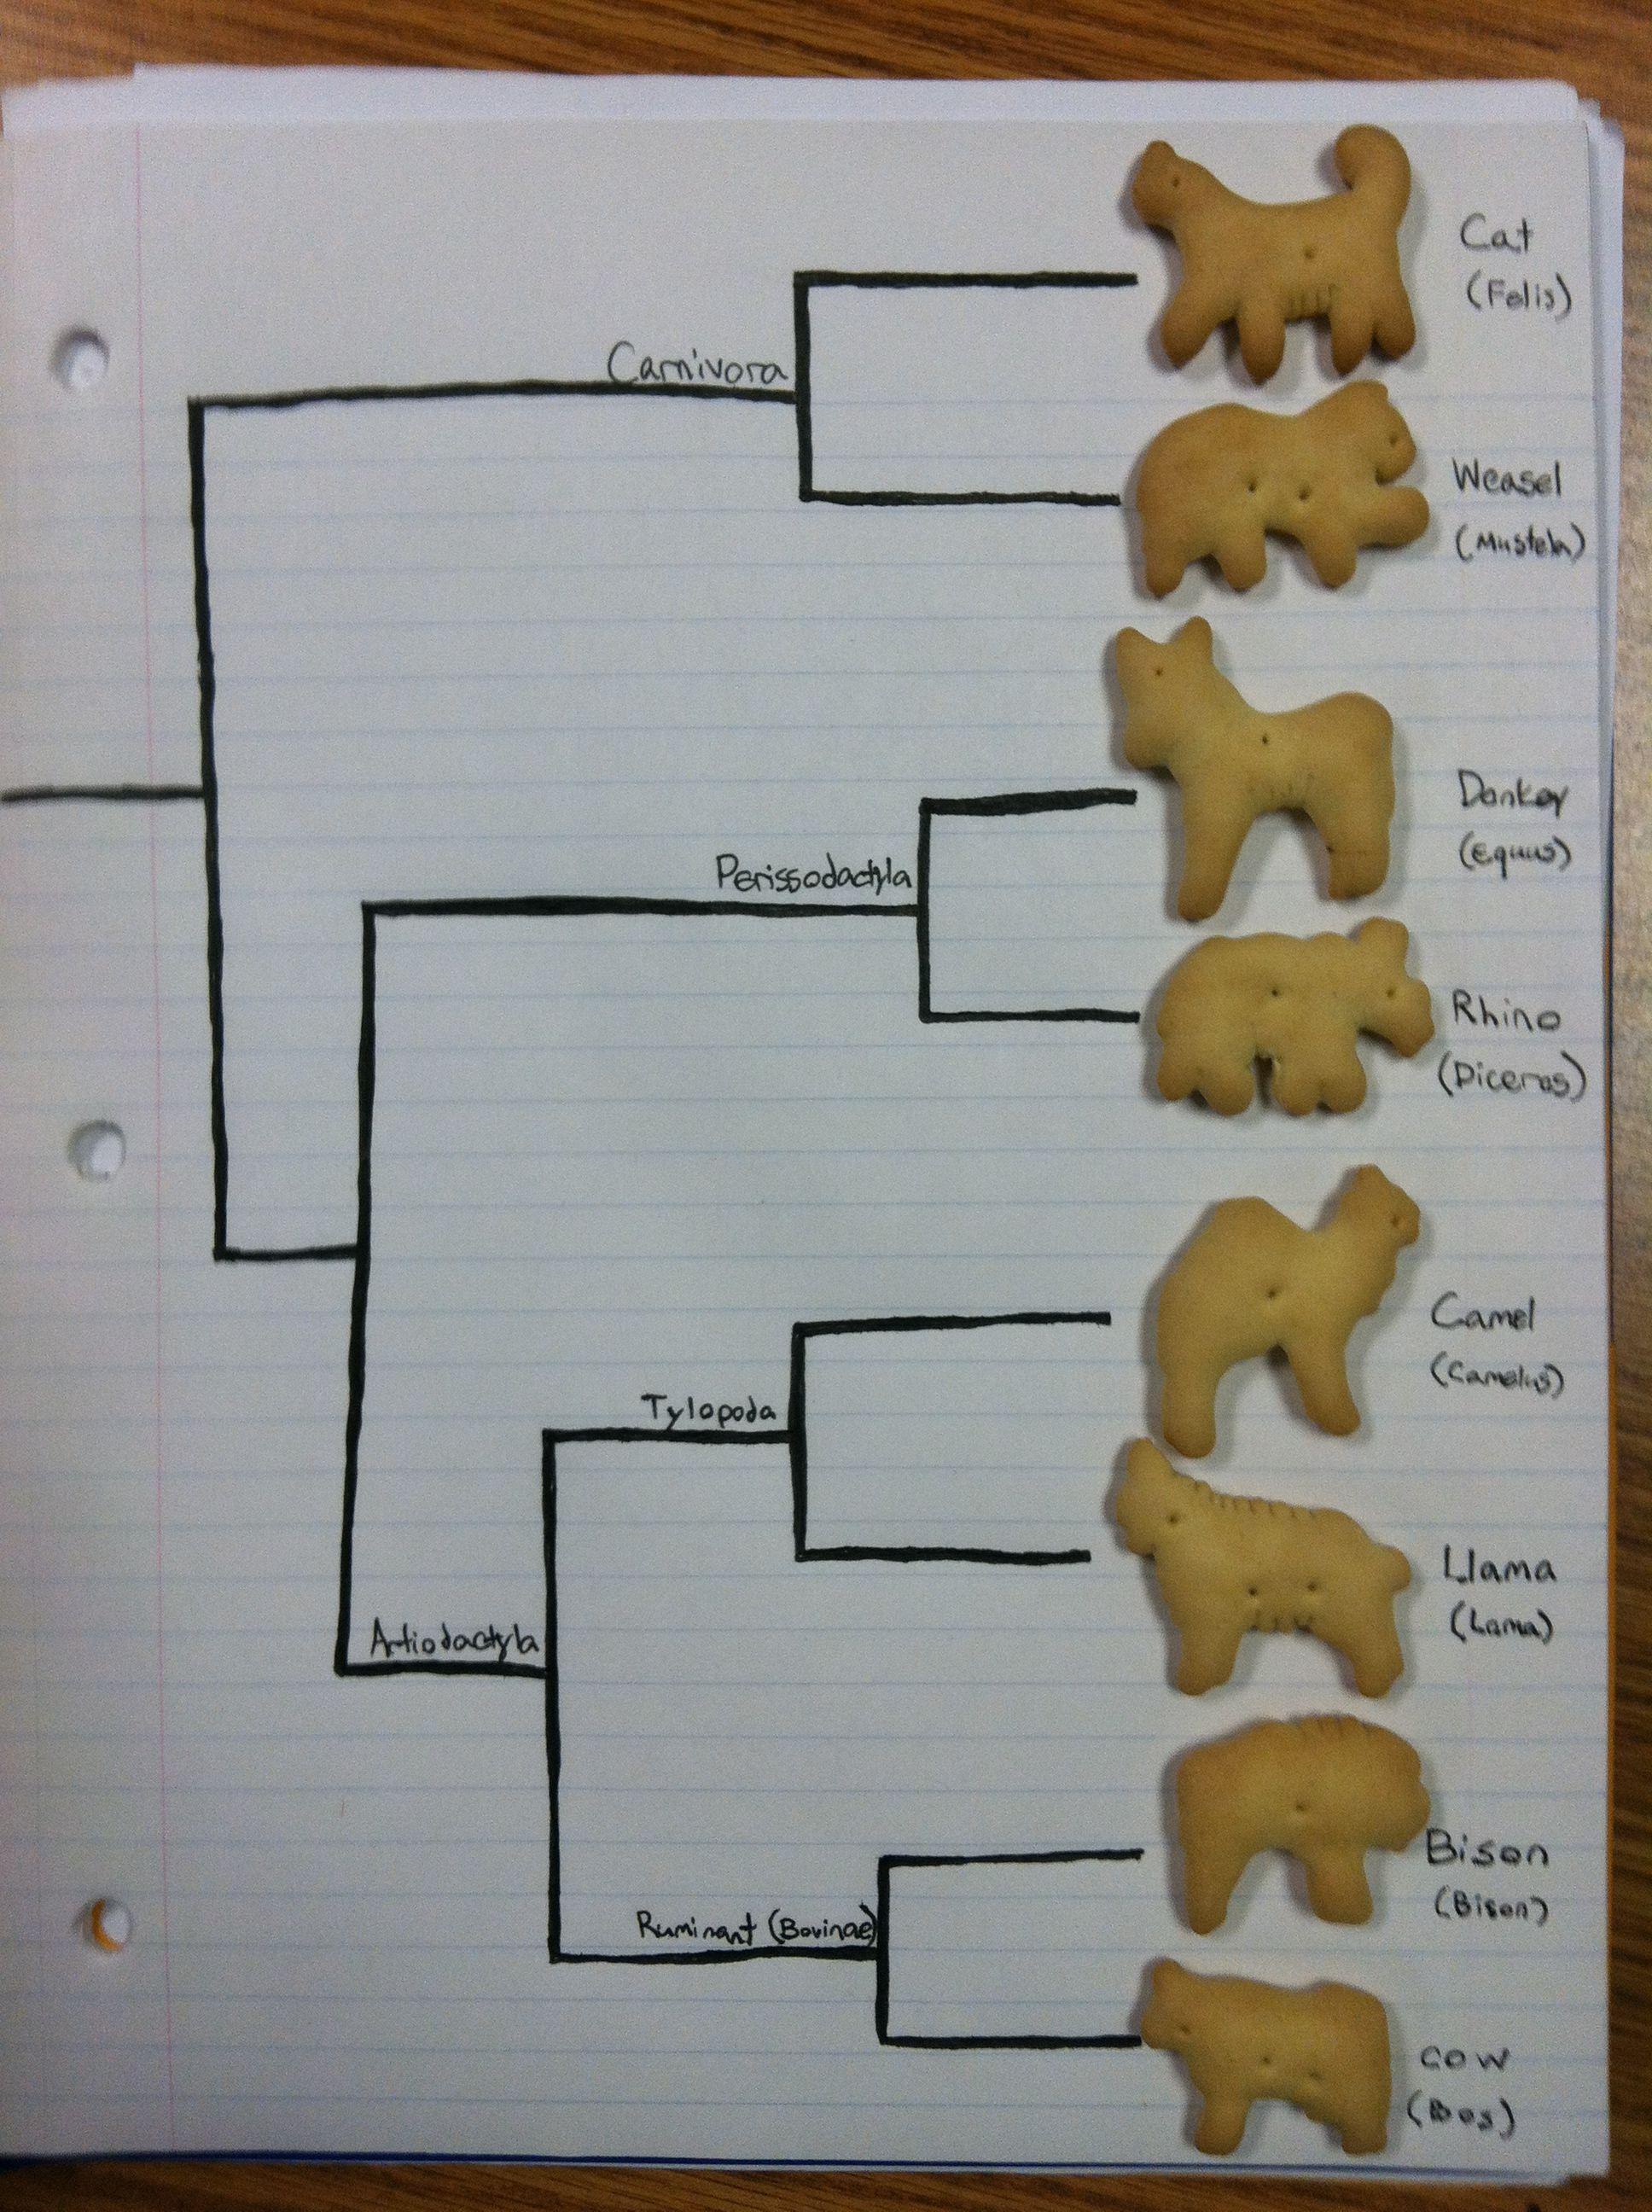 Animal Cracker Phylogeny Teks 7 11a